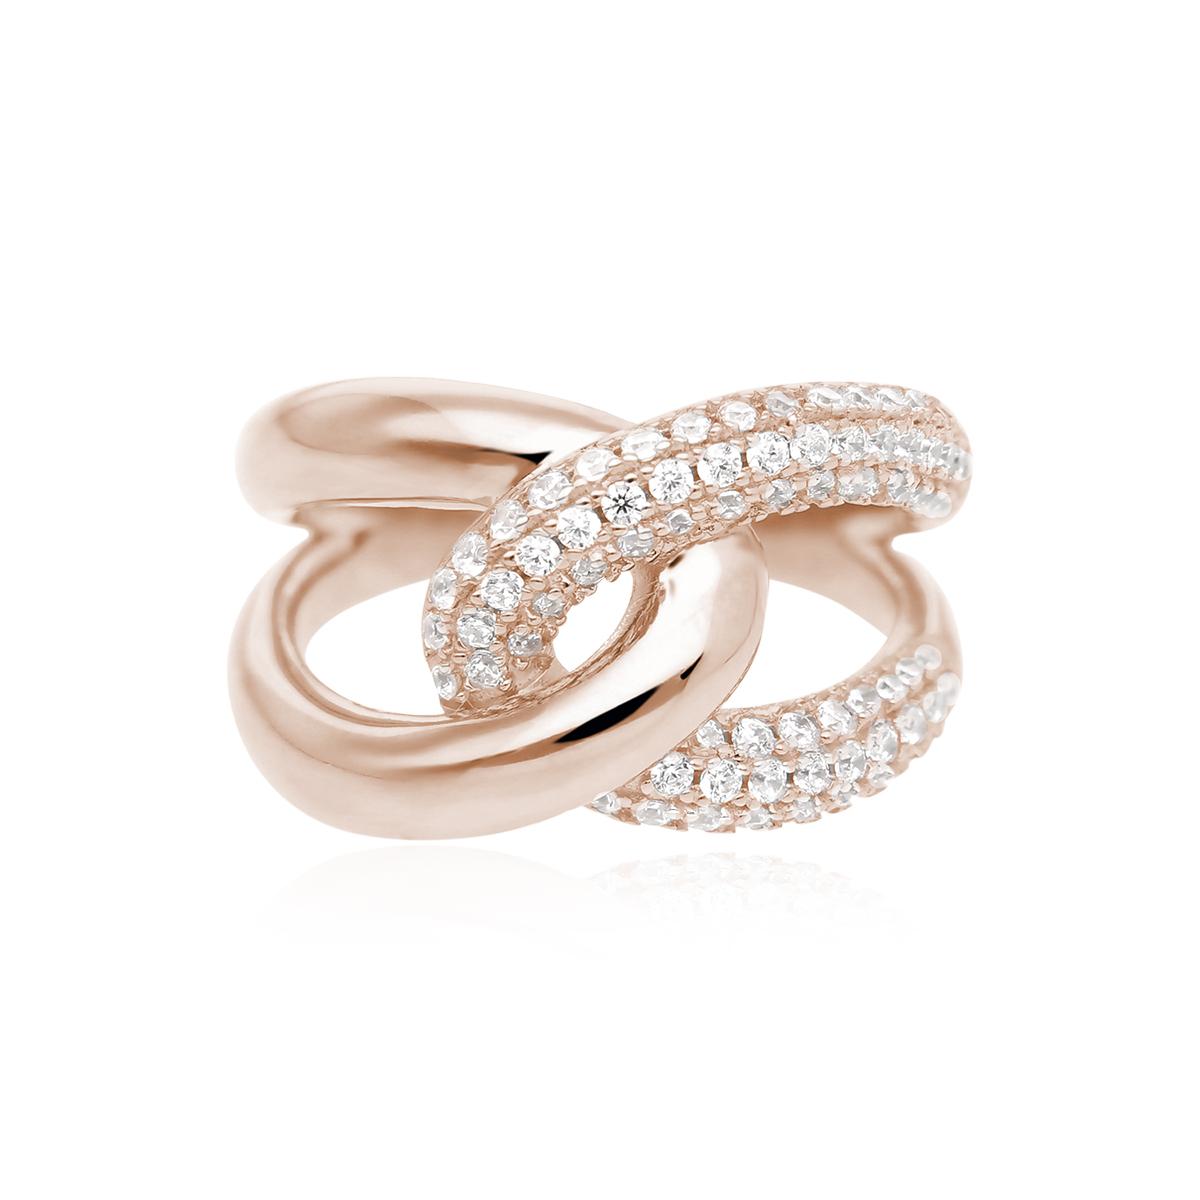 Anello abbraccio Mabina in argento rosato con zirconi misura 15